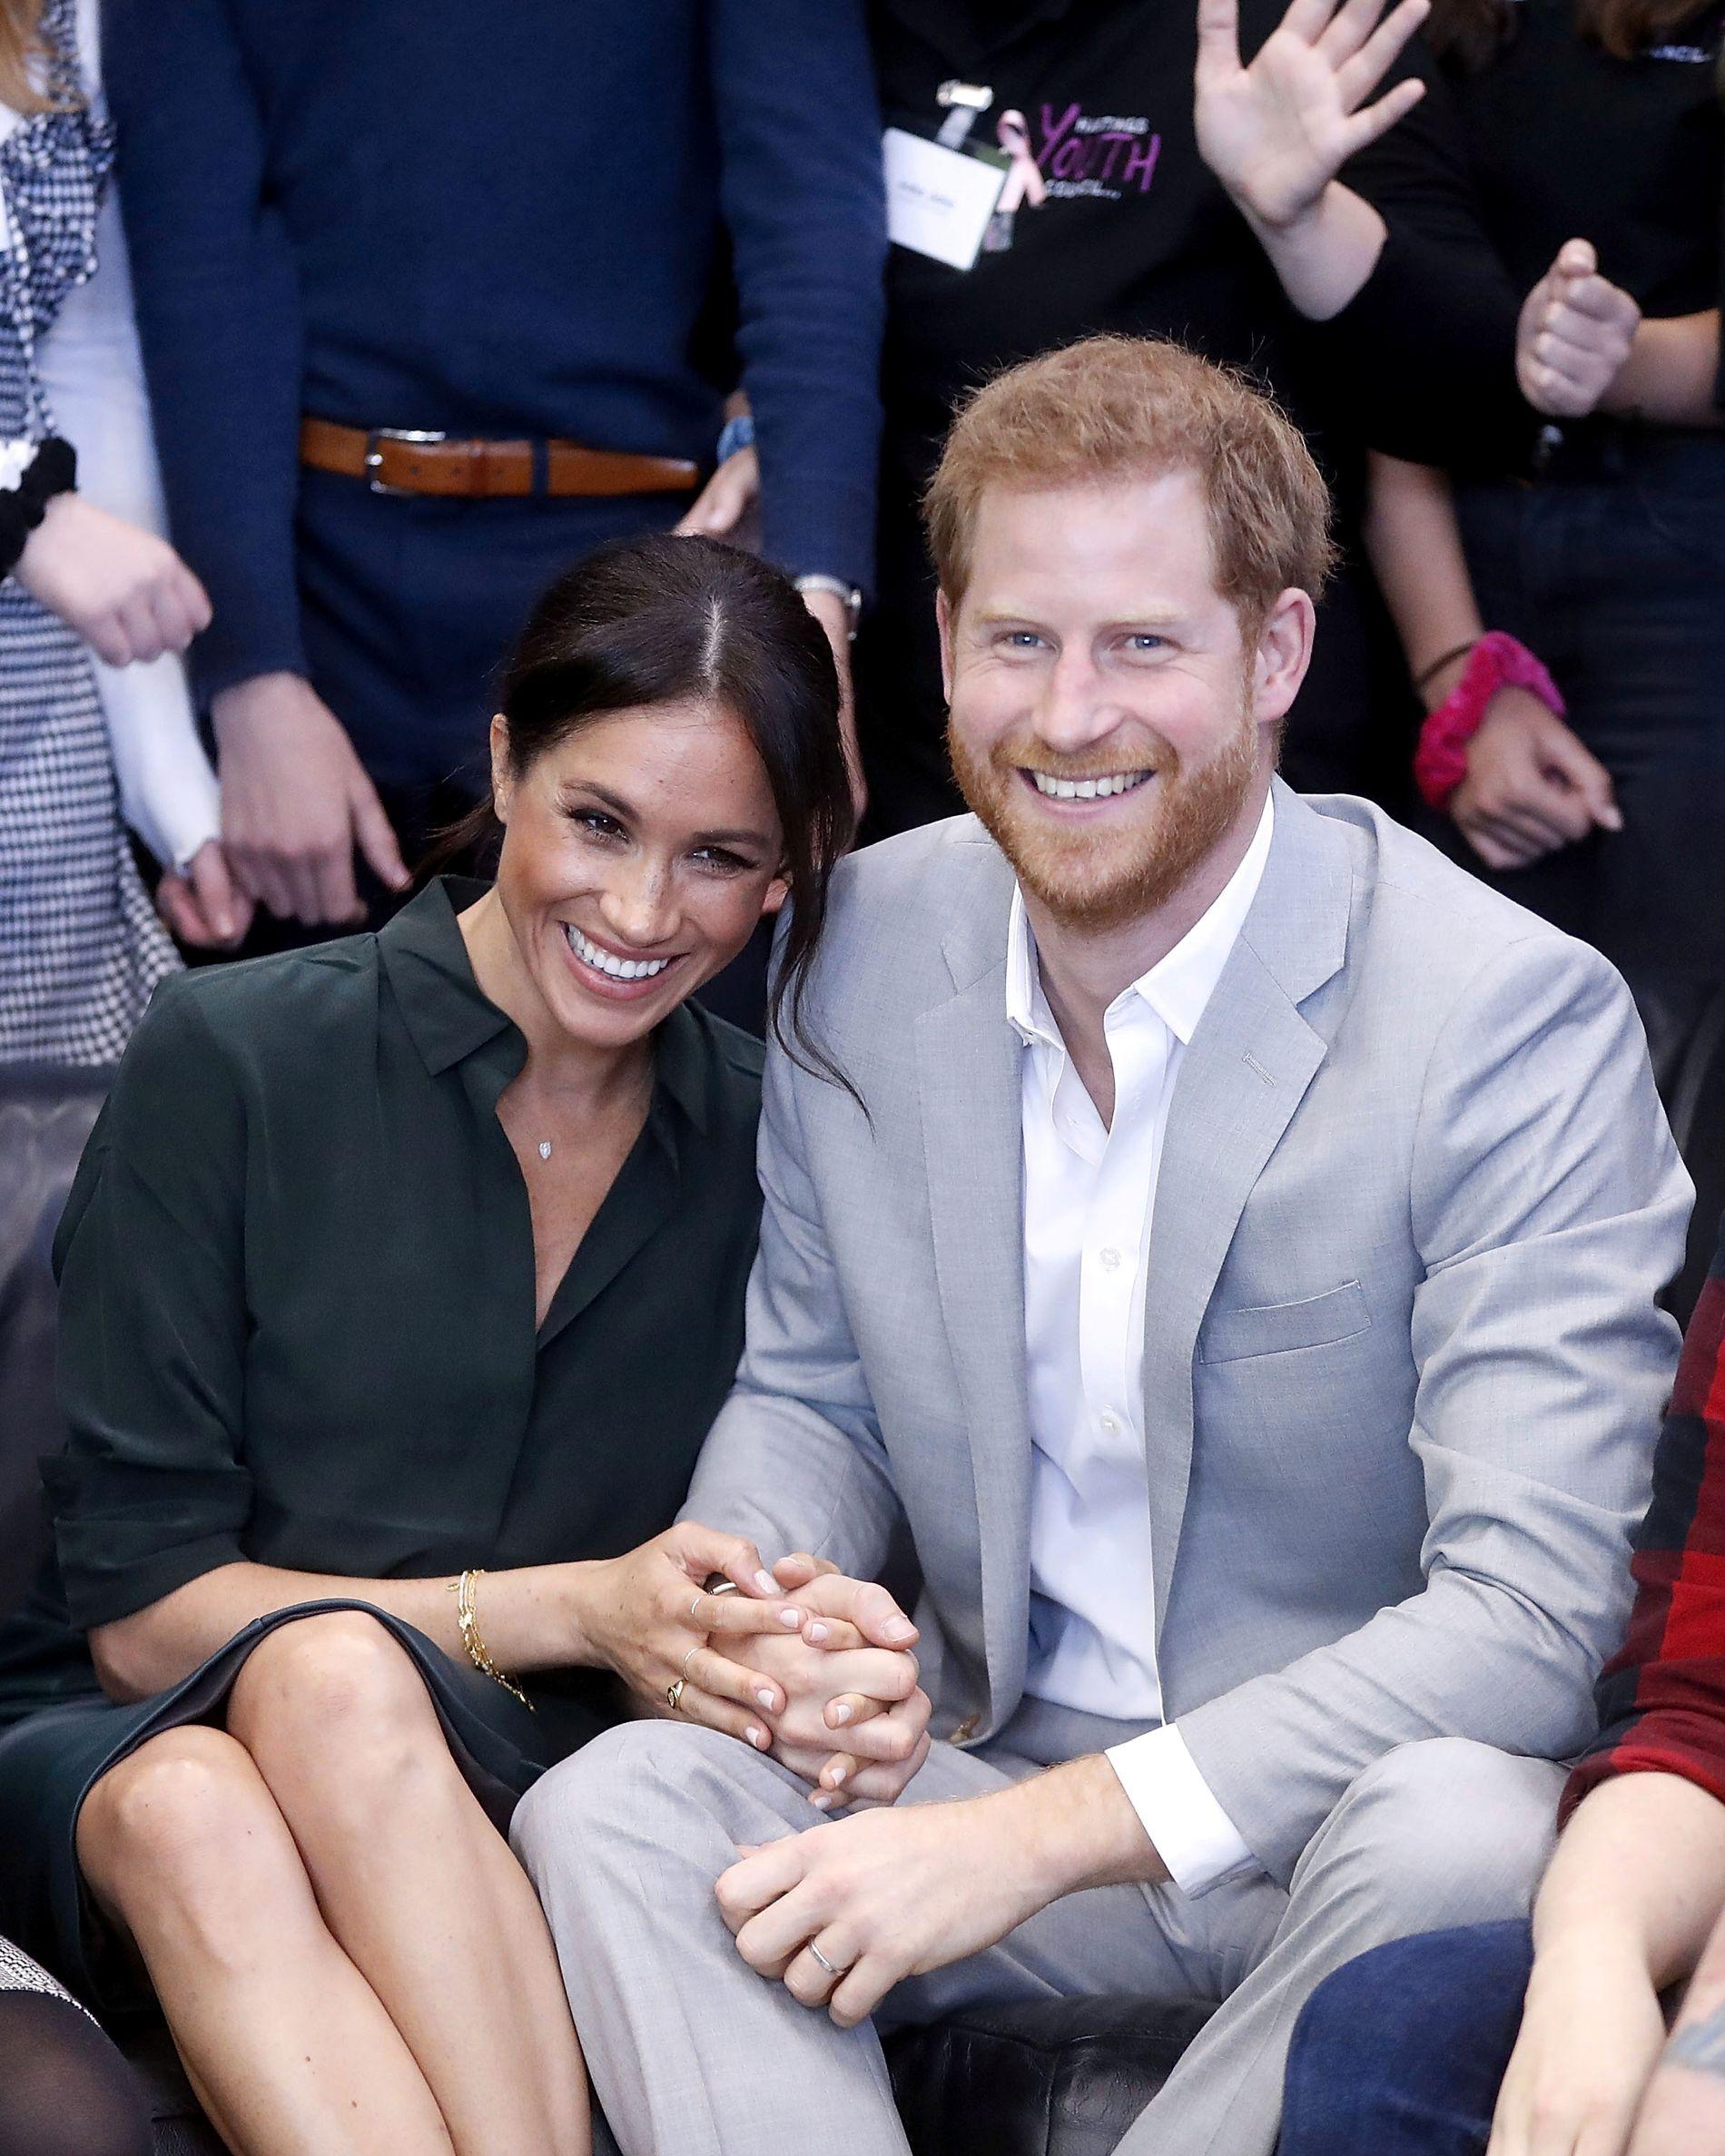 FORELDRE: Prins Harry og Meghan. Dette bildet er tatt under et besøk i Joff Youth Centre i britiske Peacehaven i oktober i fjor, bare et par uker før det britiske kongehuset kunngjorde at Markle var gravid med hertugparets første barn.